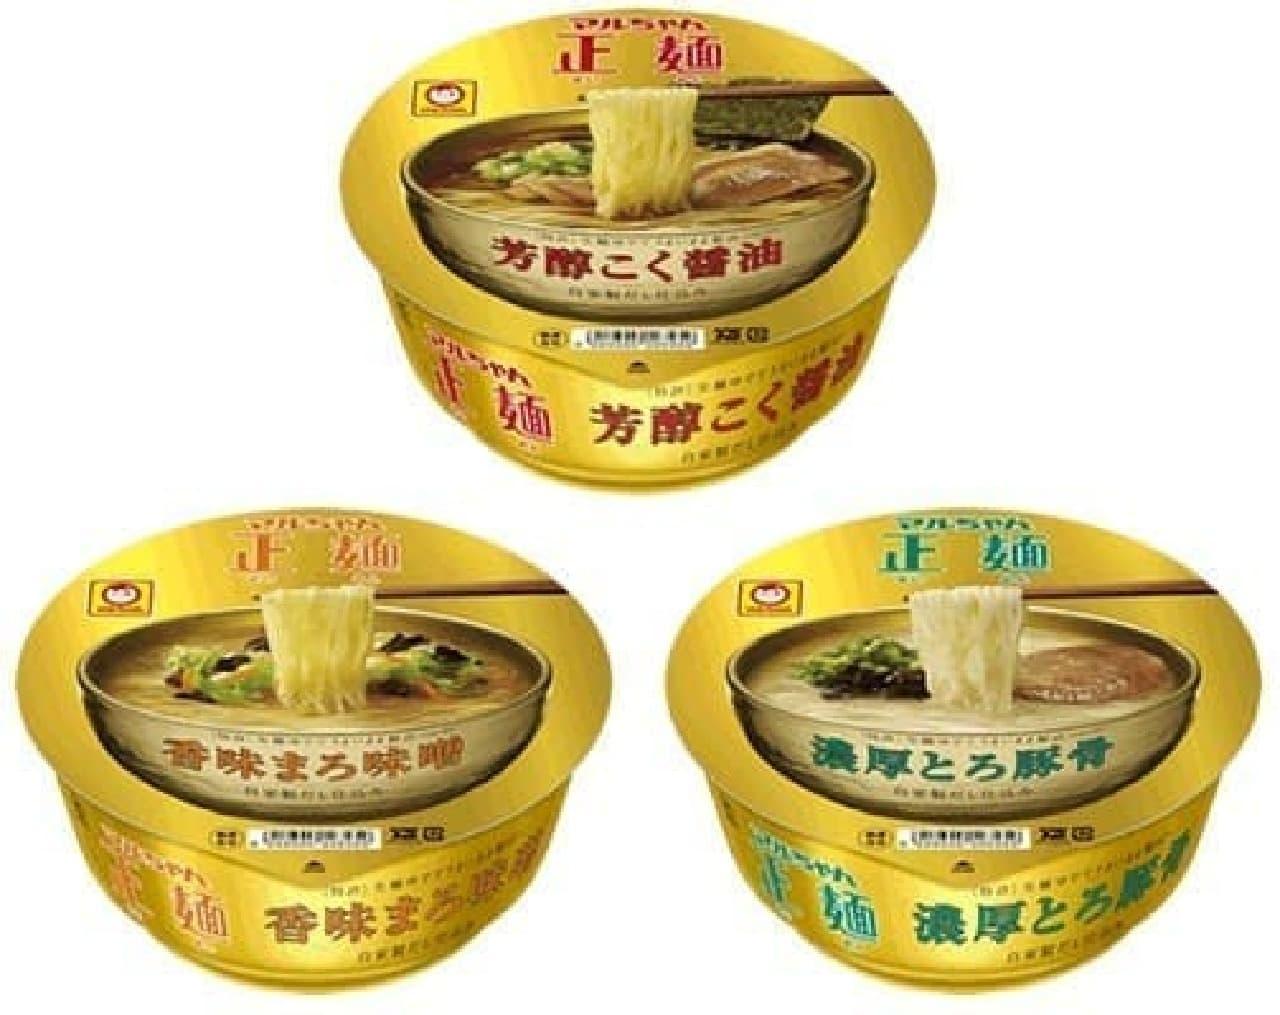 マルちゃん正麺がカップ麺になった!